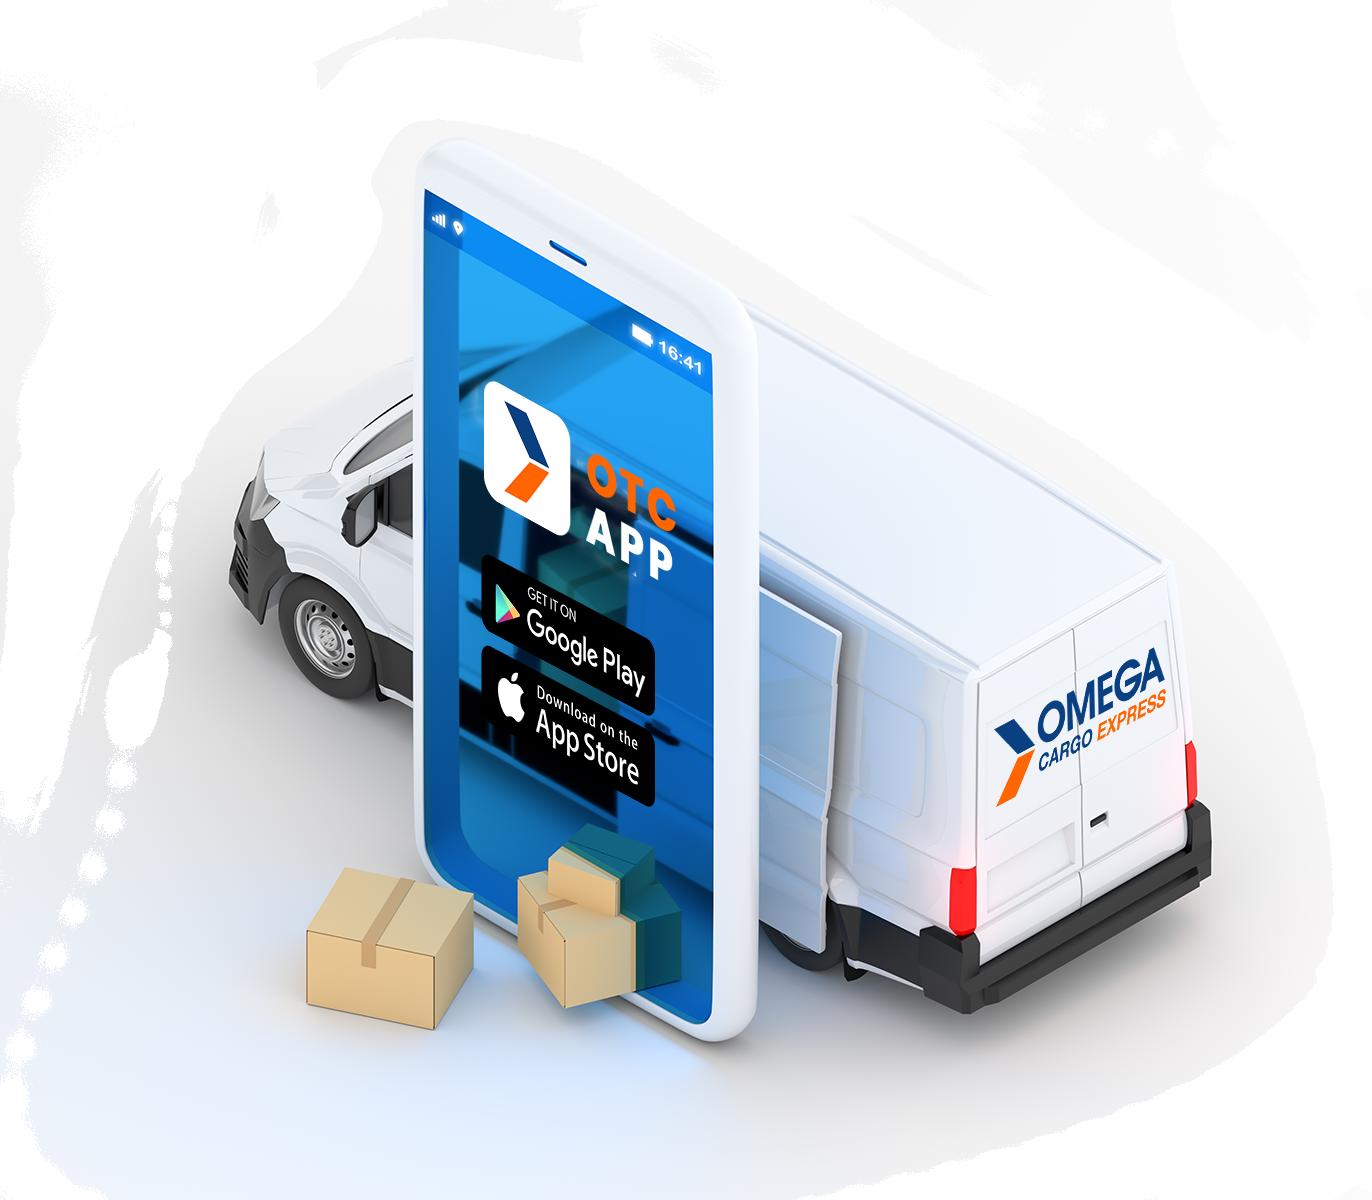 omega cargo app - Envíos de paquetes a Latinoamerica Omega Cargo Express